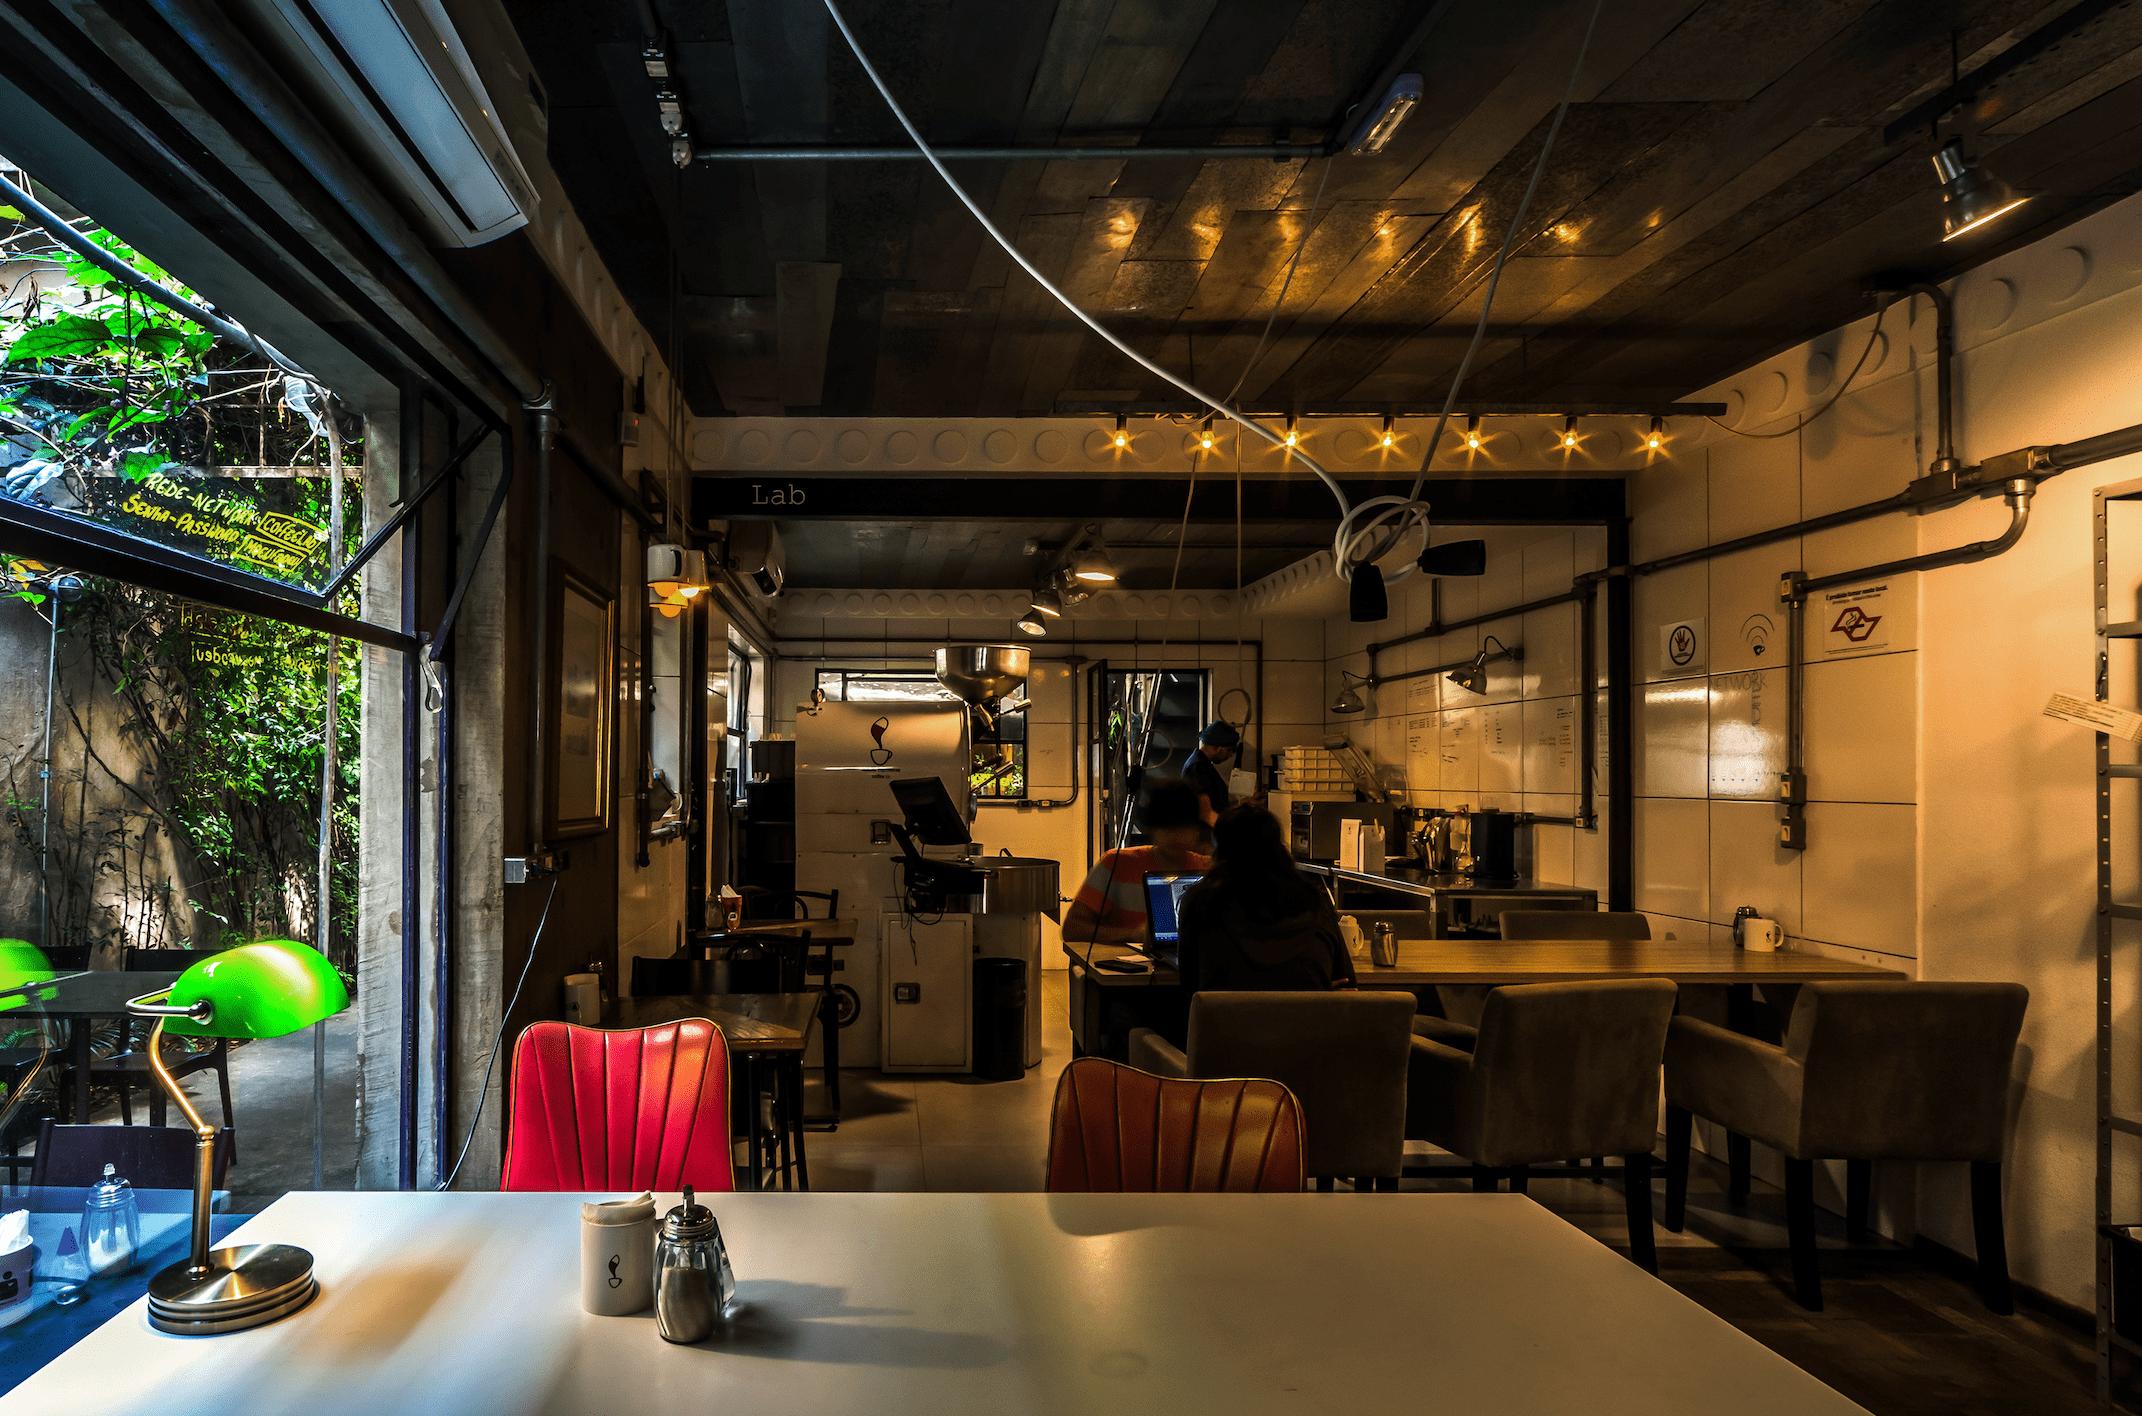 Estabelecimento do Coffee Lab vazio, com iluminação amarela, mesas brancas e cadeiras com almofadas vermelhas.